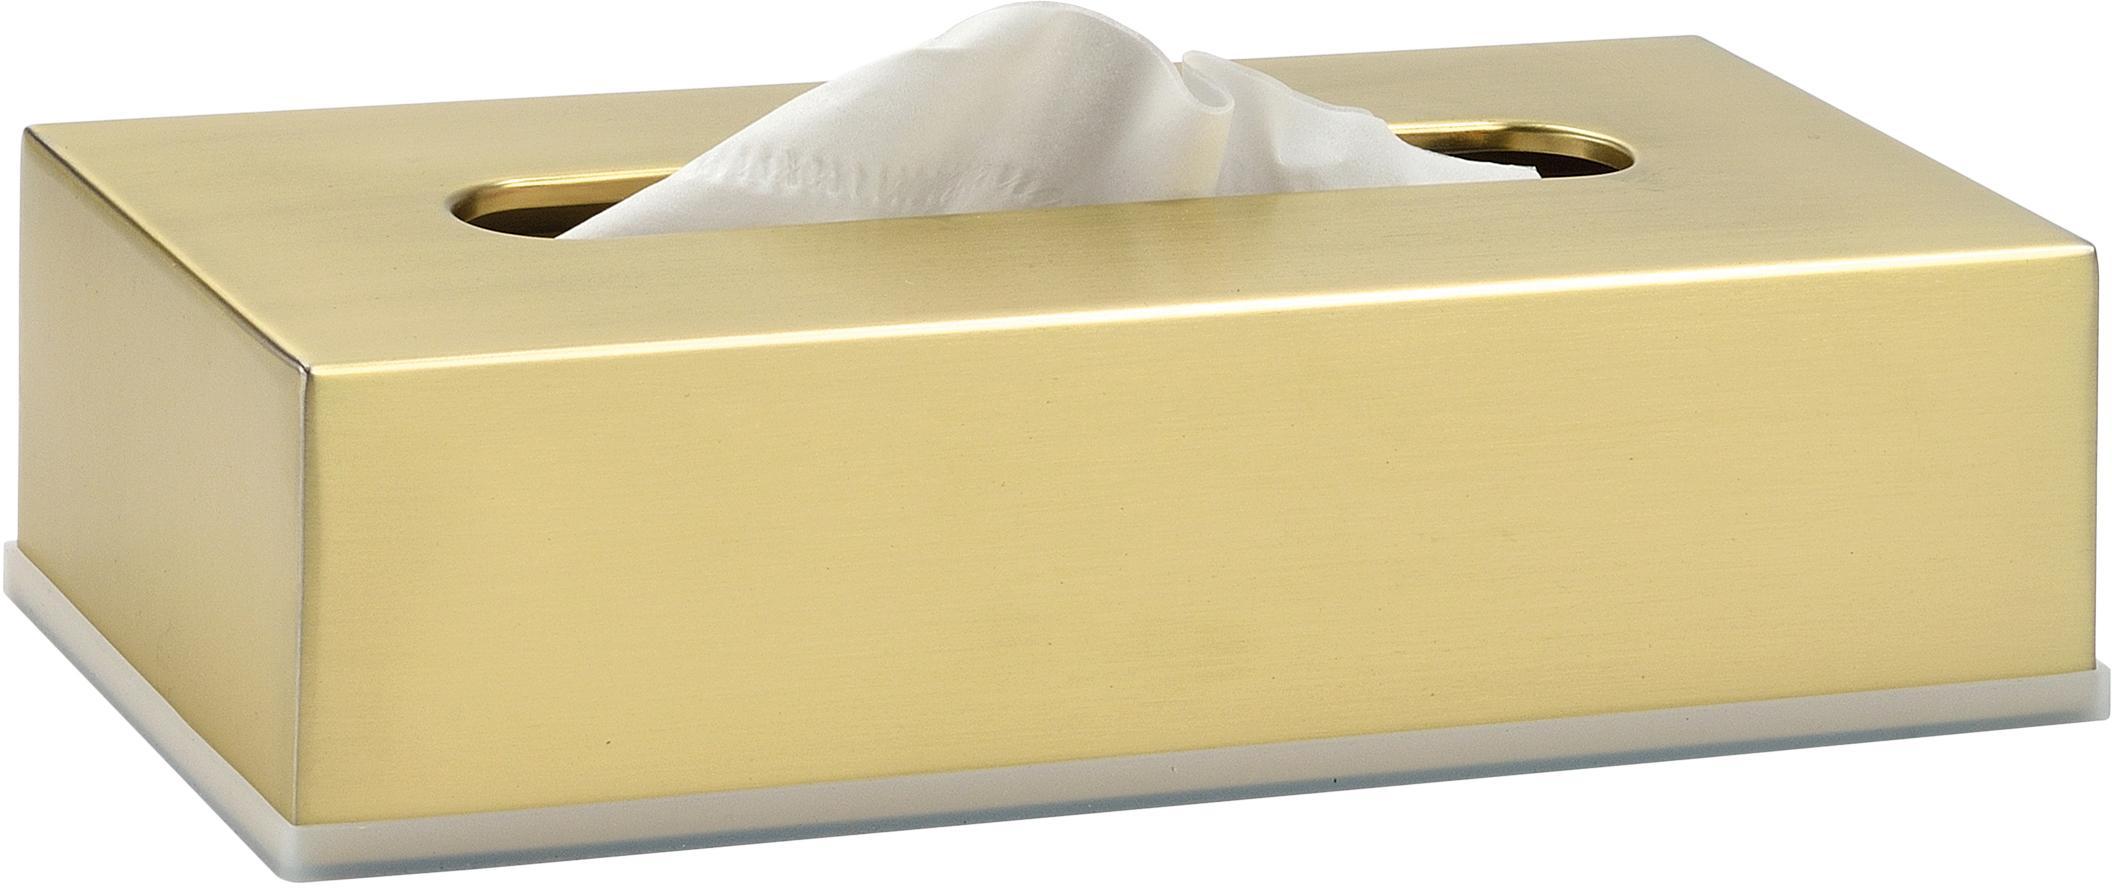 Kosmetiktuchbox Acton, Edelstahl, beschichtet, Messingfarben, 26 x 7 cm